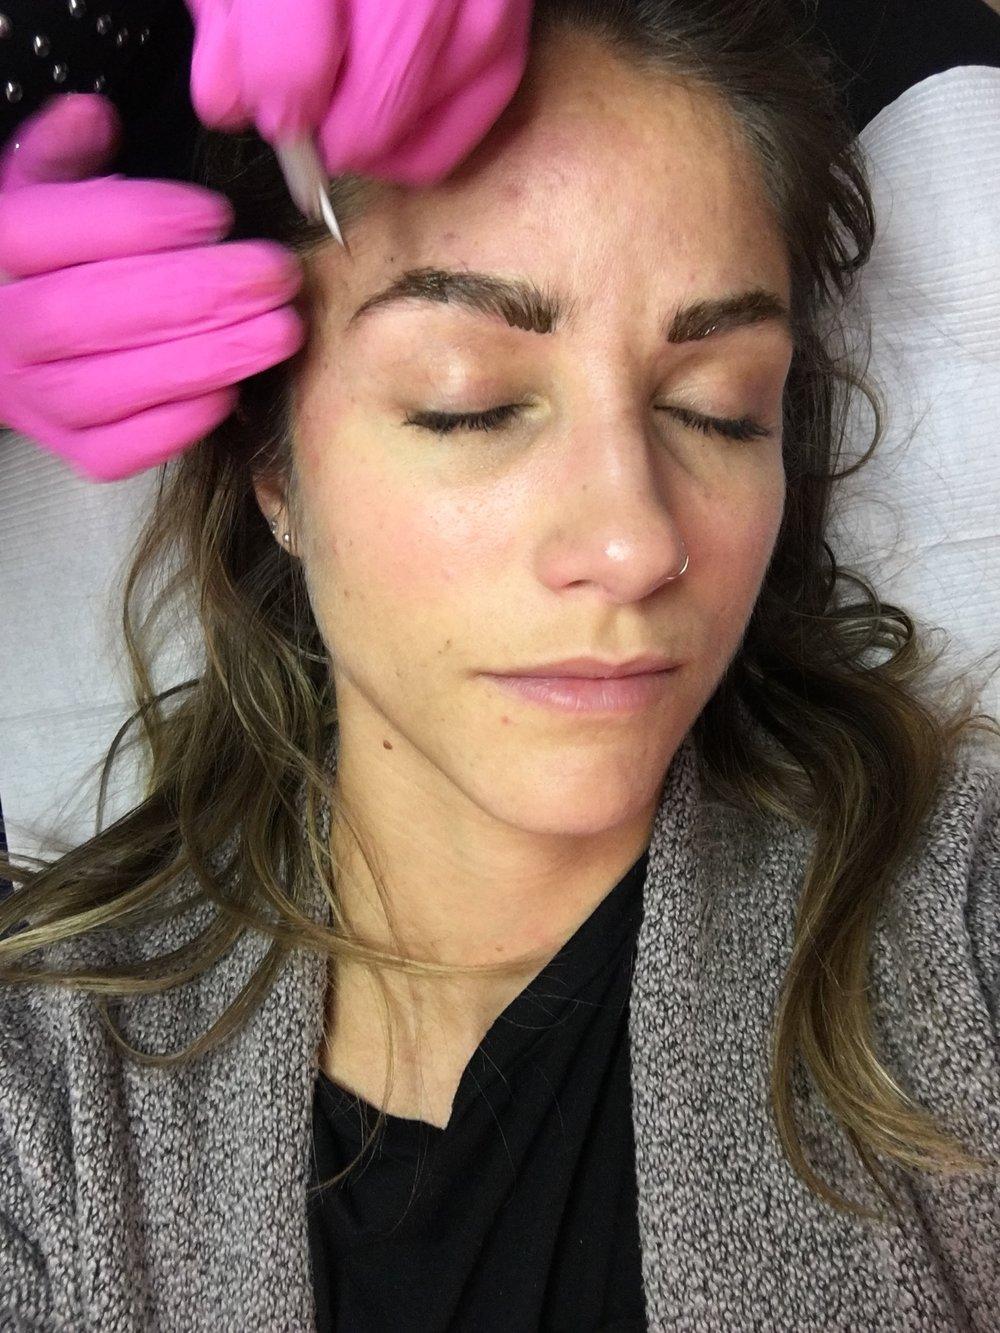 microblading, sourcils, épilation sourcils, sourcils permanents, nanoblading, maquillage permanent, france laflamme esthetique, esthétique rive-sud de montréal, amélie delage, maquillage